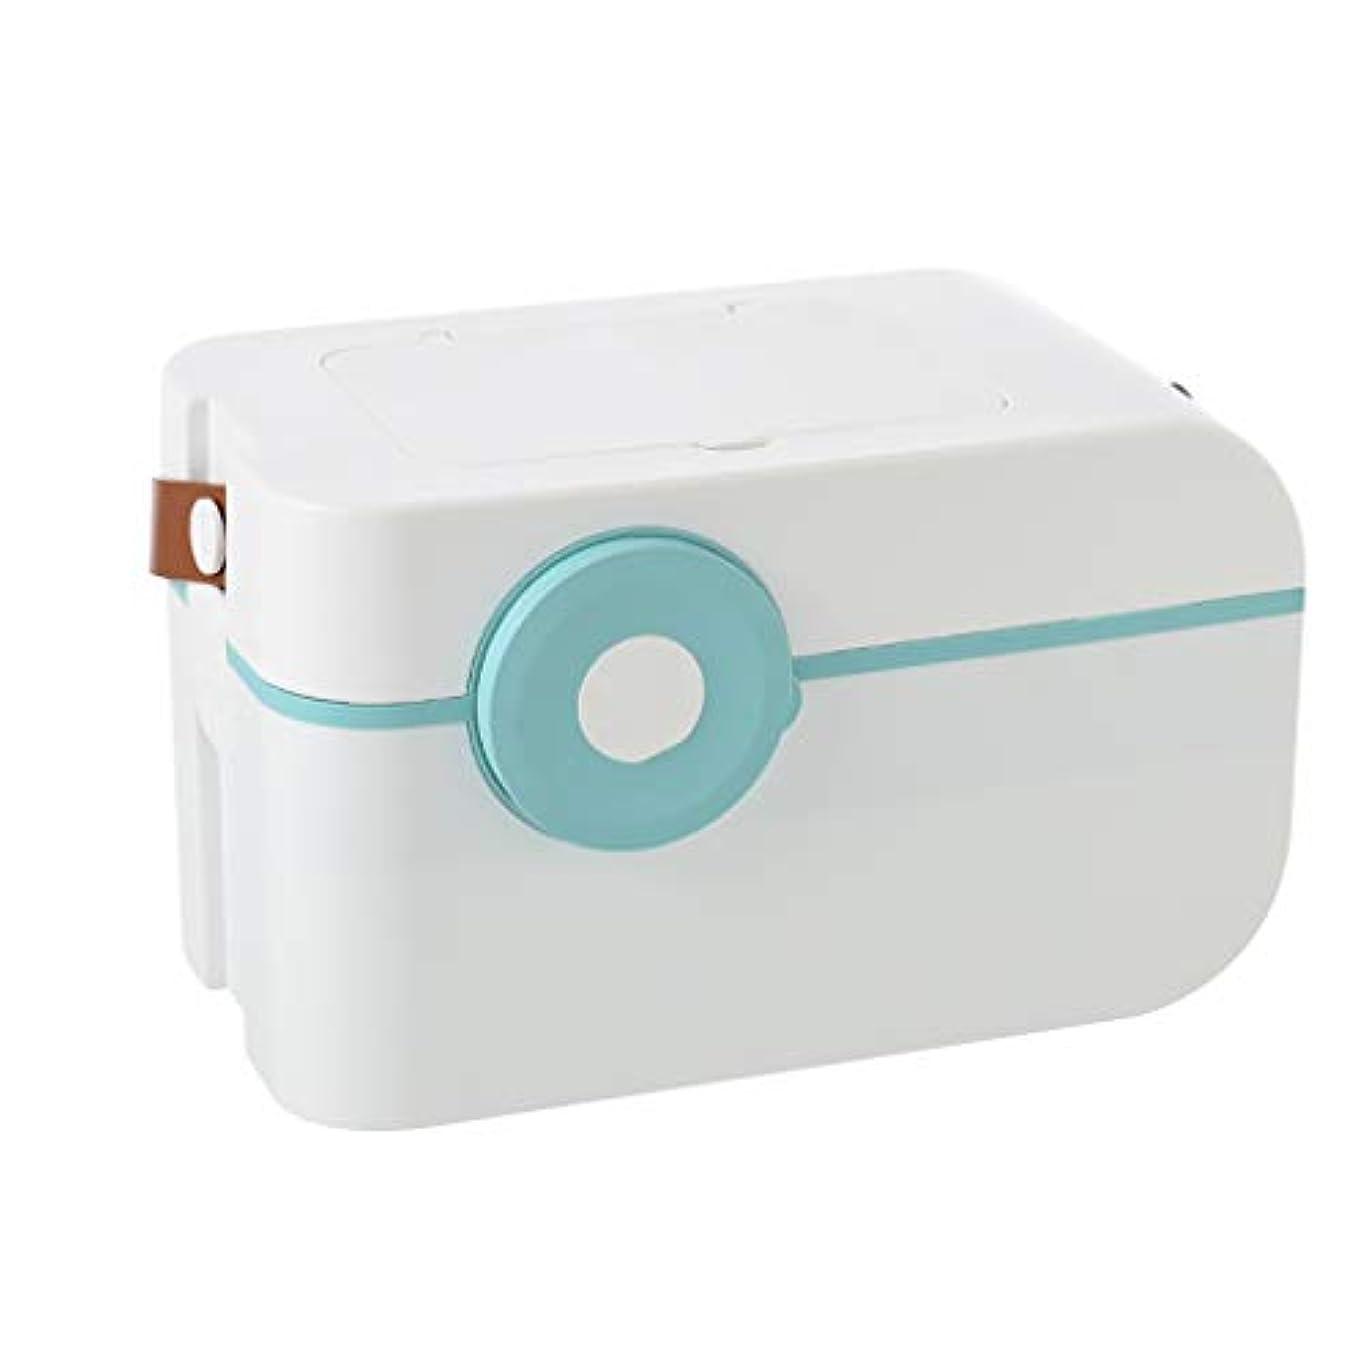 ダーツ提供脳応急処置容器ビン、家族用緊急キット収納ボックス/ケース。